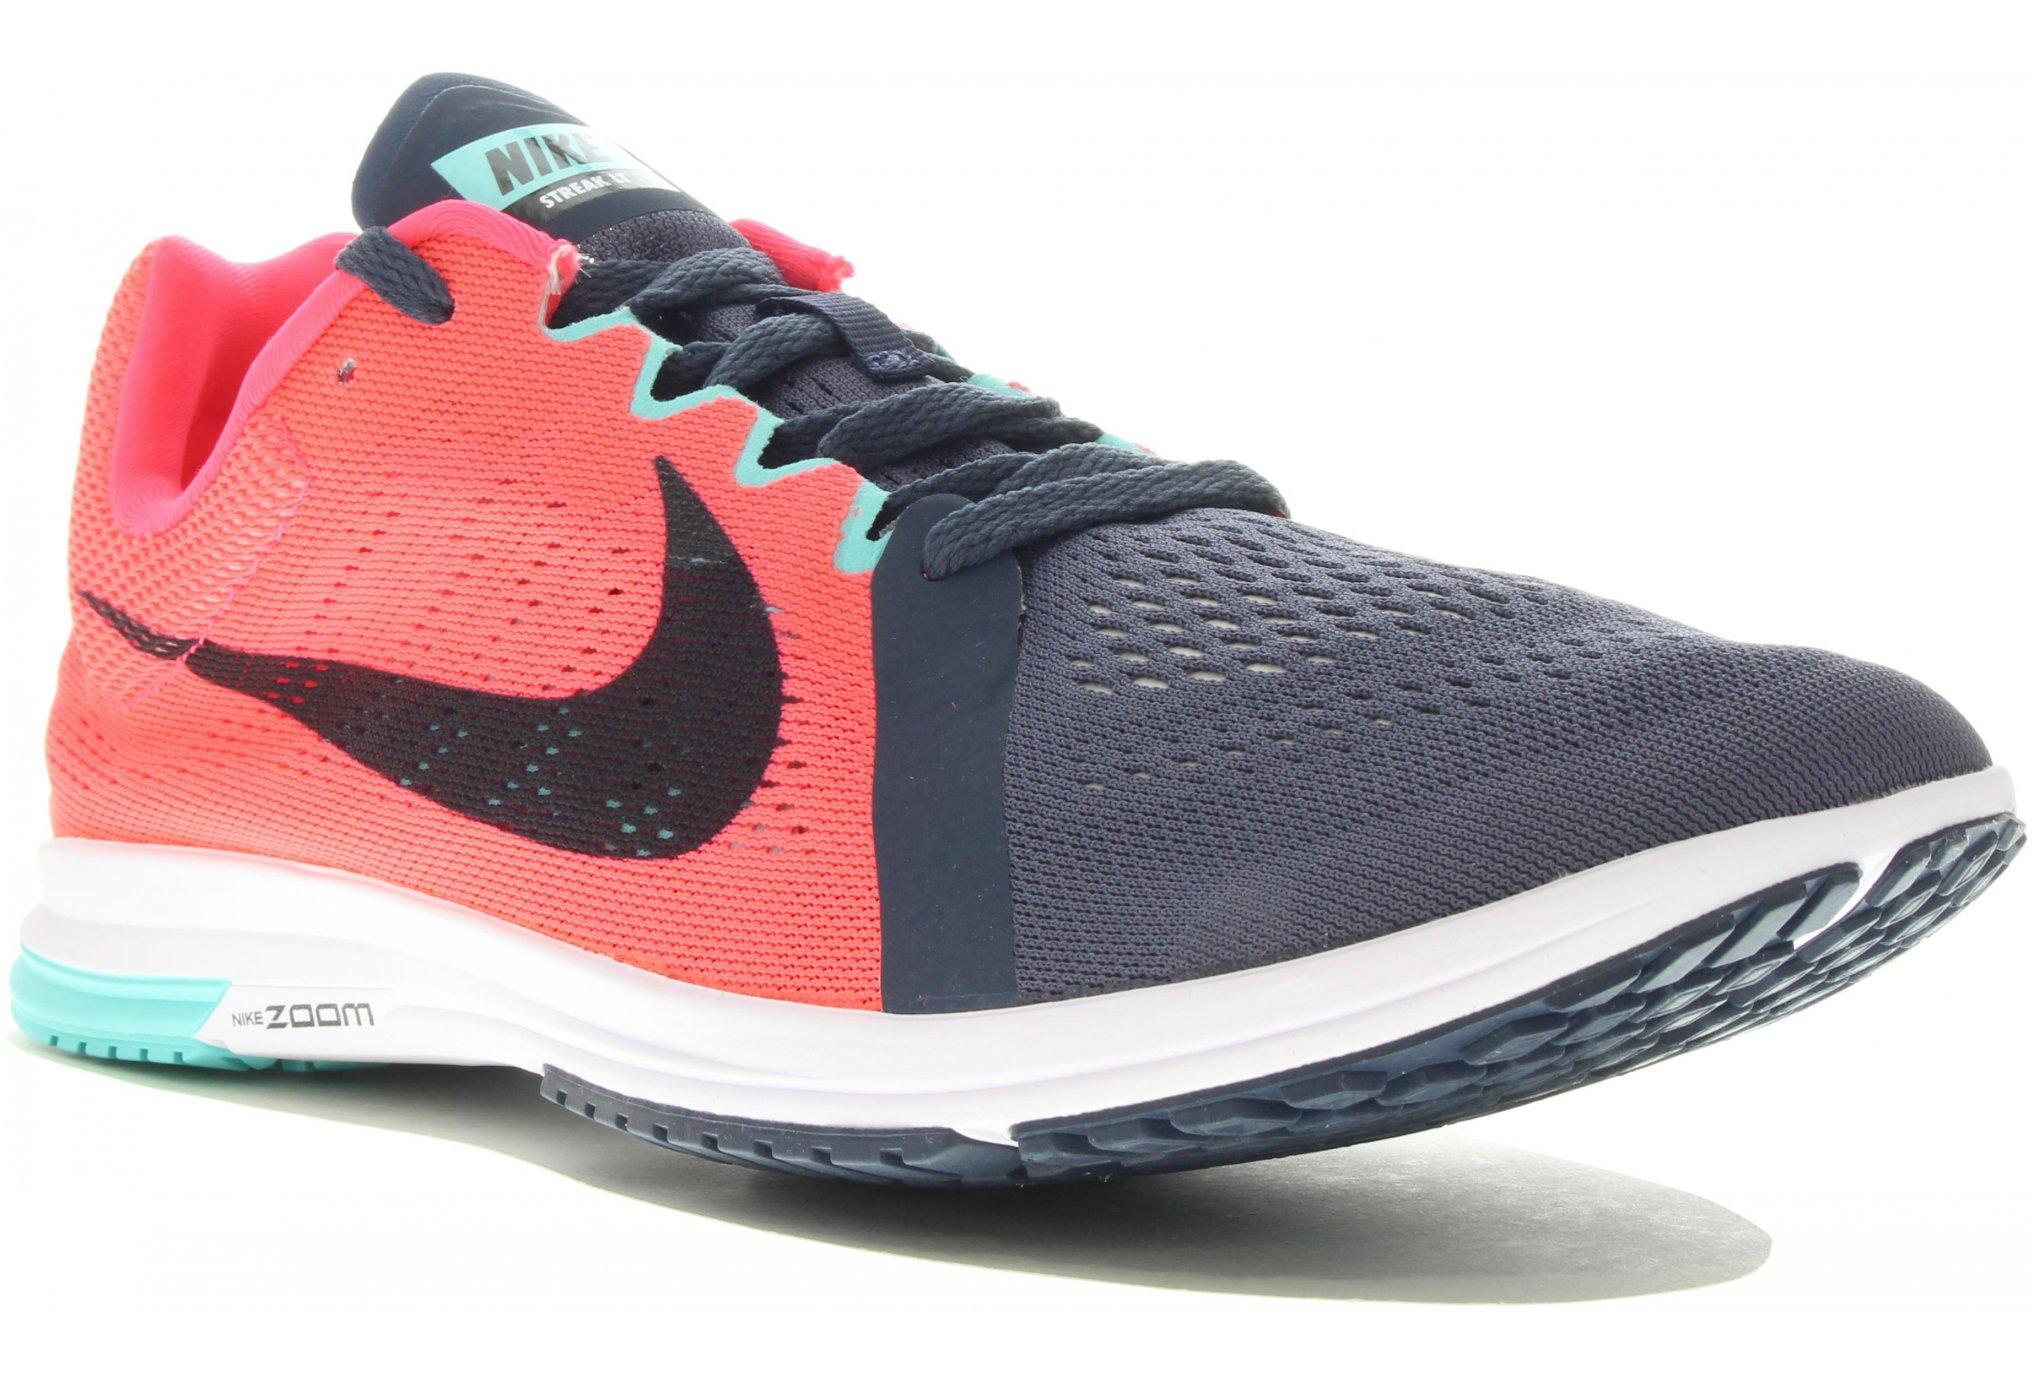 Nike Zoom Streak LT 3 M Chaussures homme